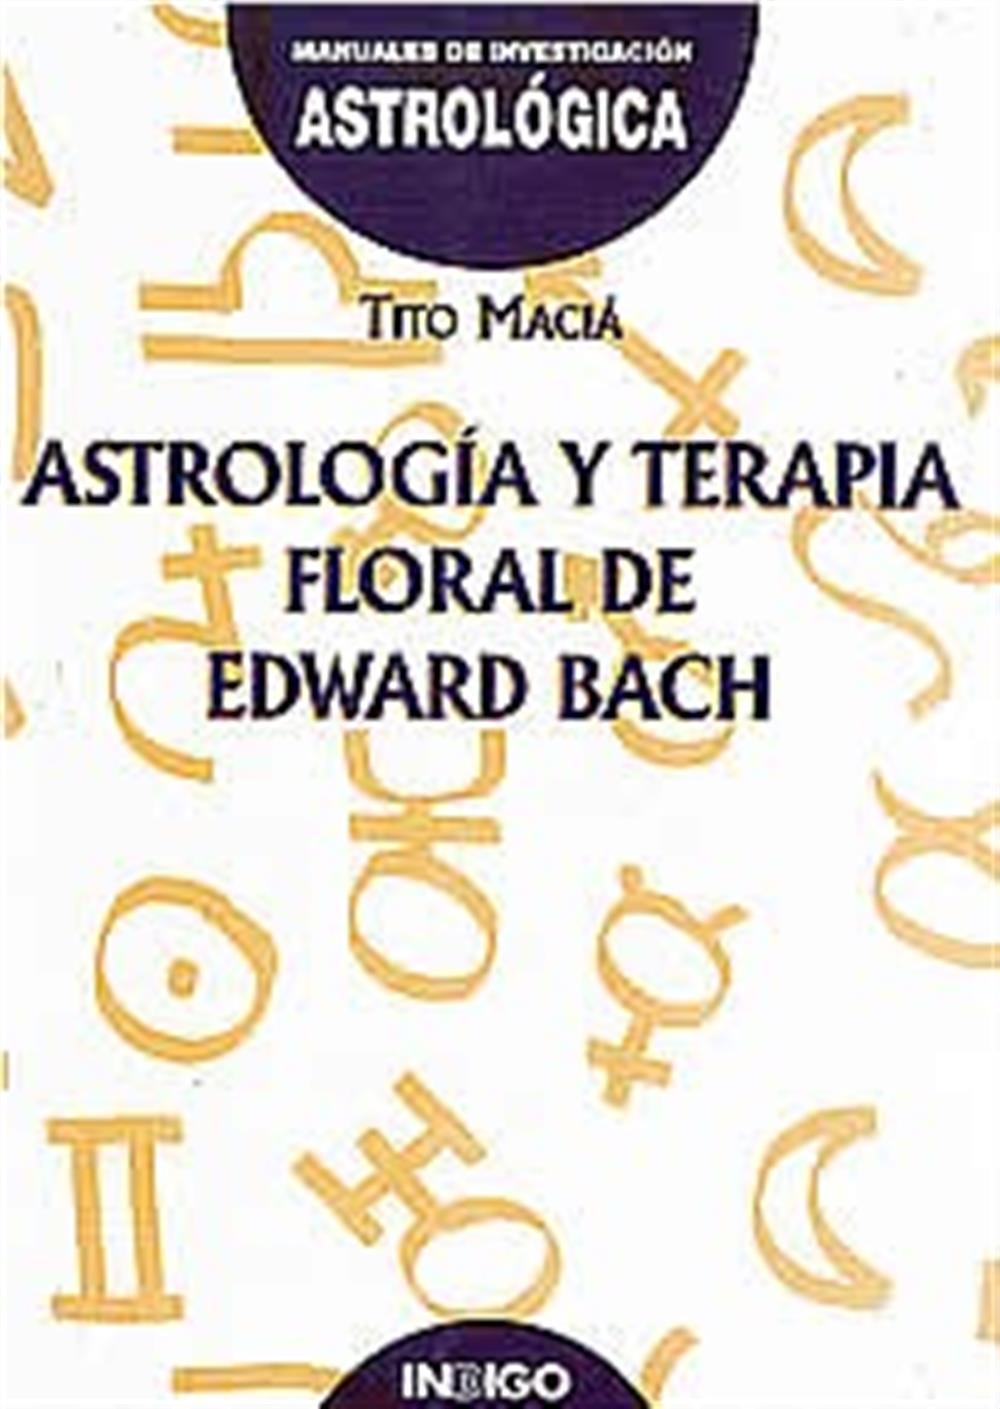 Astrología y terapia floral de Edward Bach